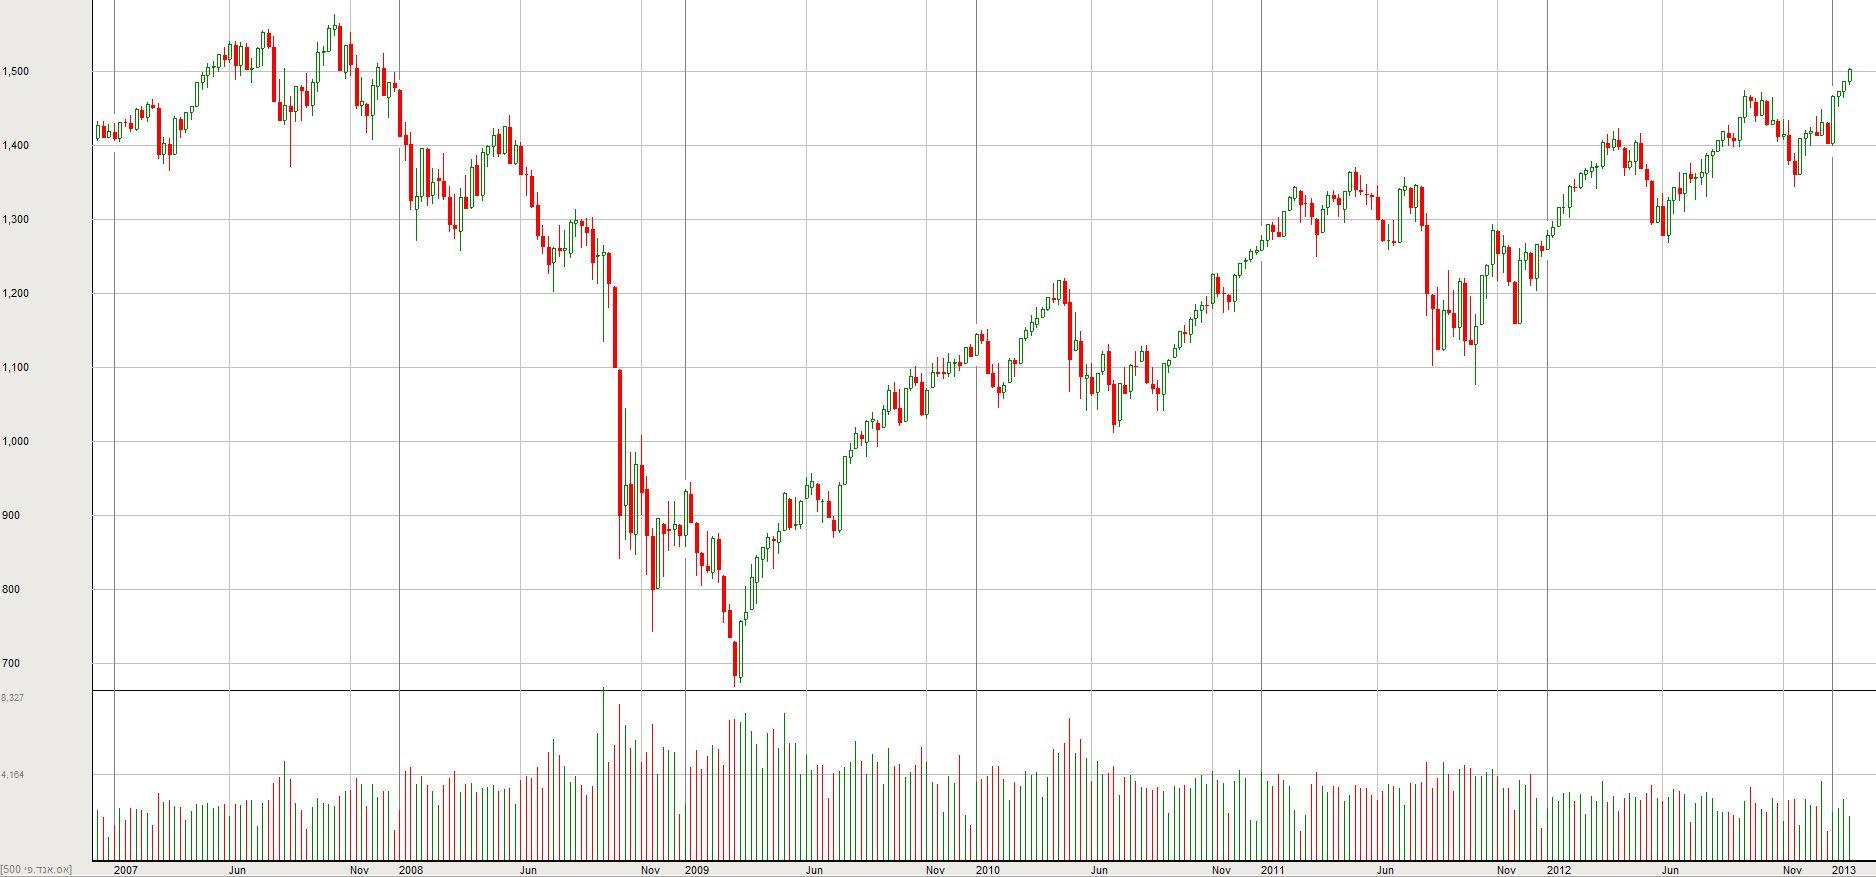 מדד ה-S&P500 משנת 2007